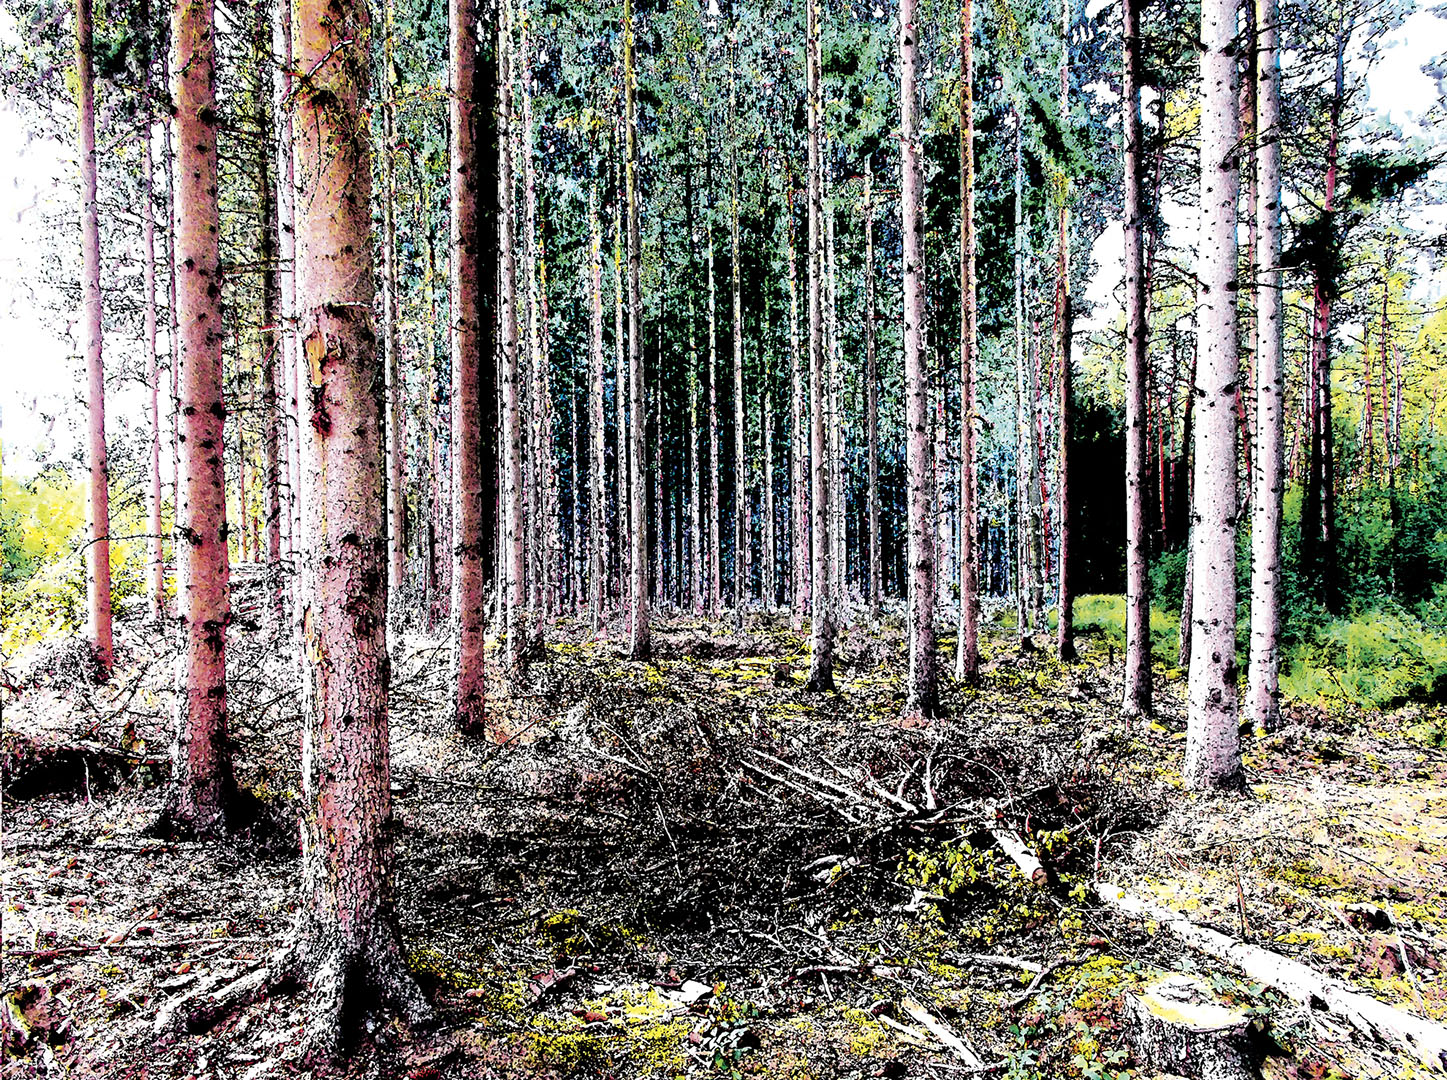 Trees_243_M13.1-32